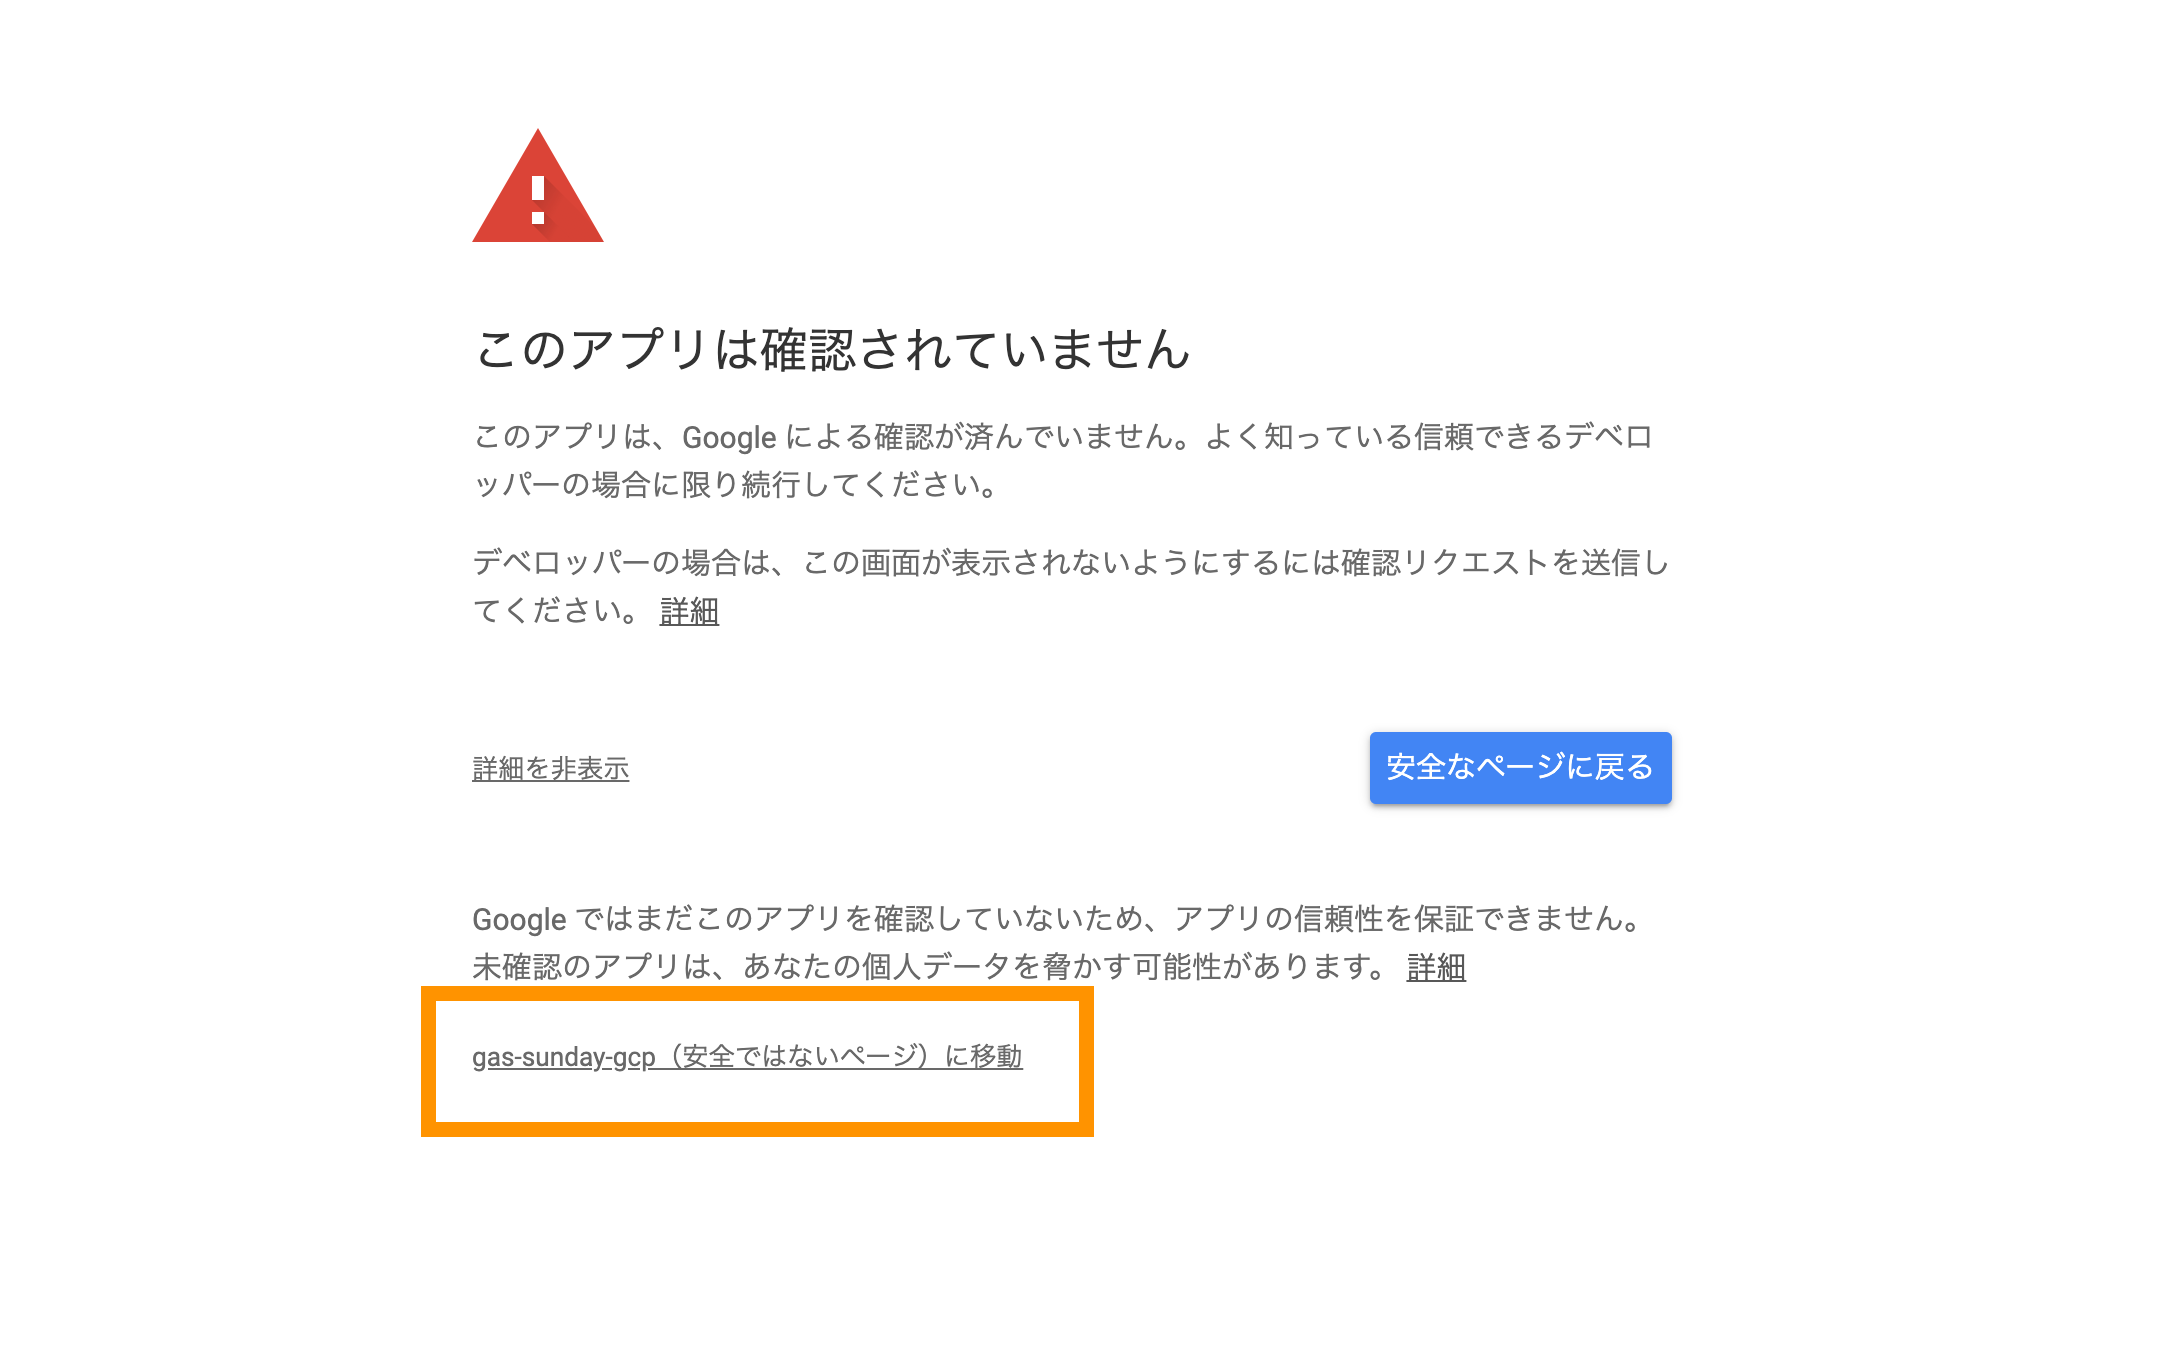 スクリーンショット 2019-07-07 18.44.43.png